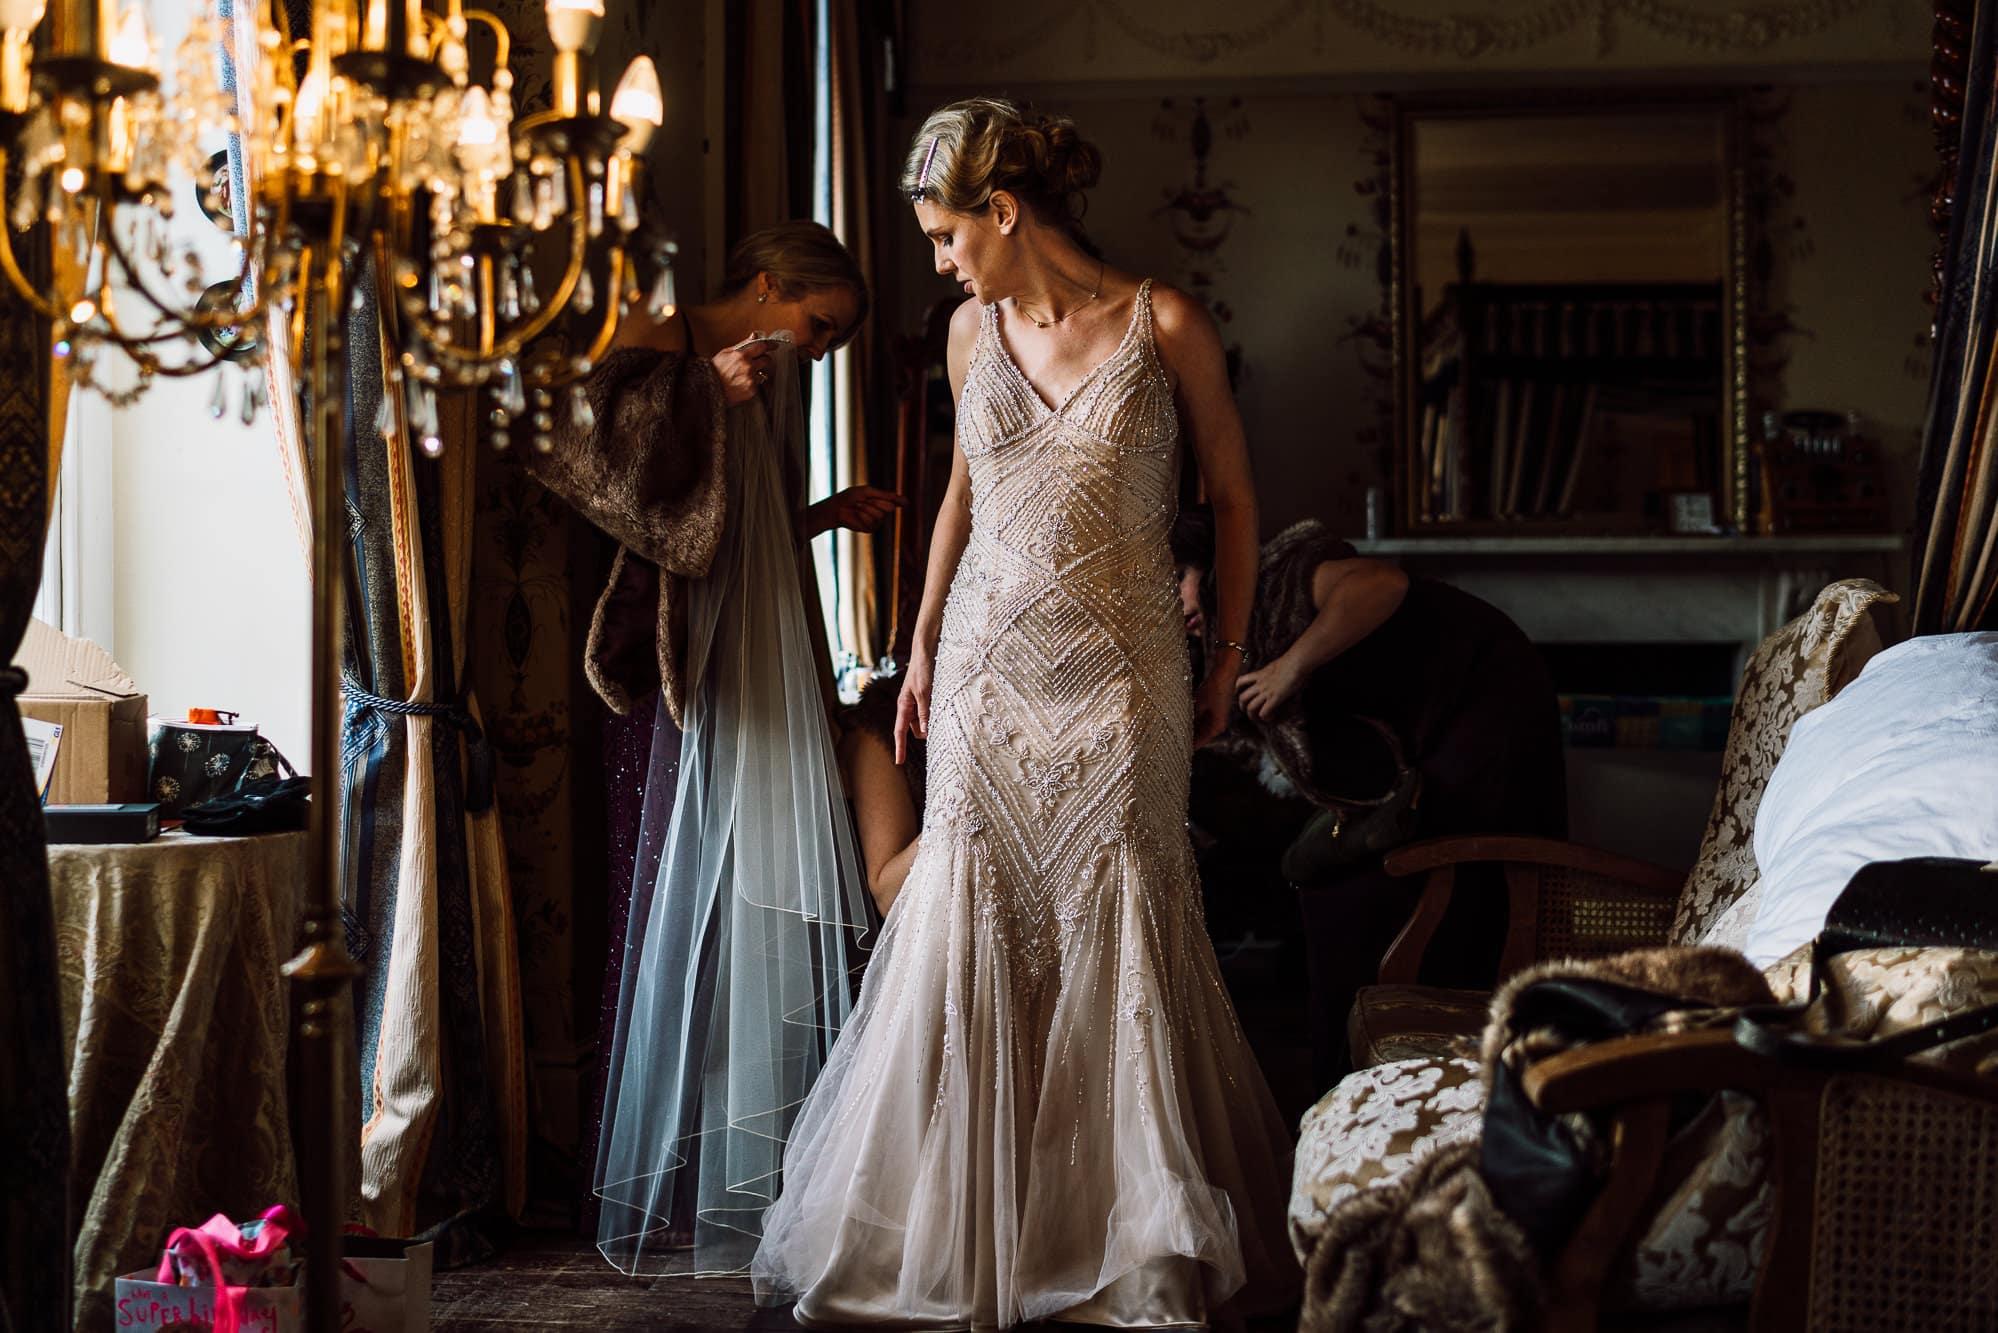 Bride putting on her dress at Trevor Hall